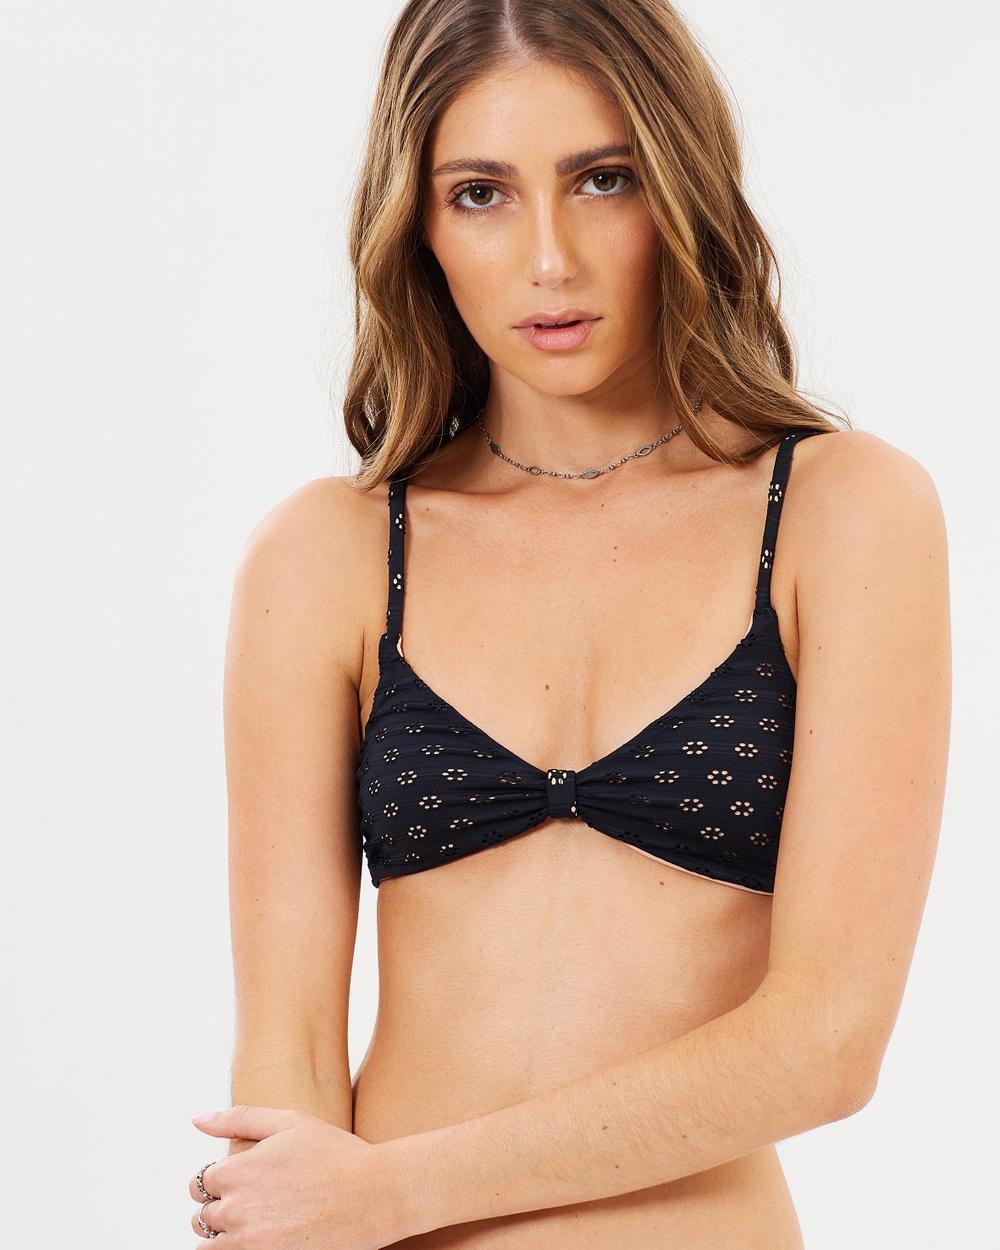 Amuse Society Darla Bralette Bikini Tops Solid Black Darla Bralette